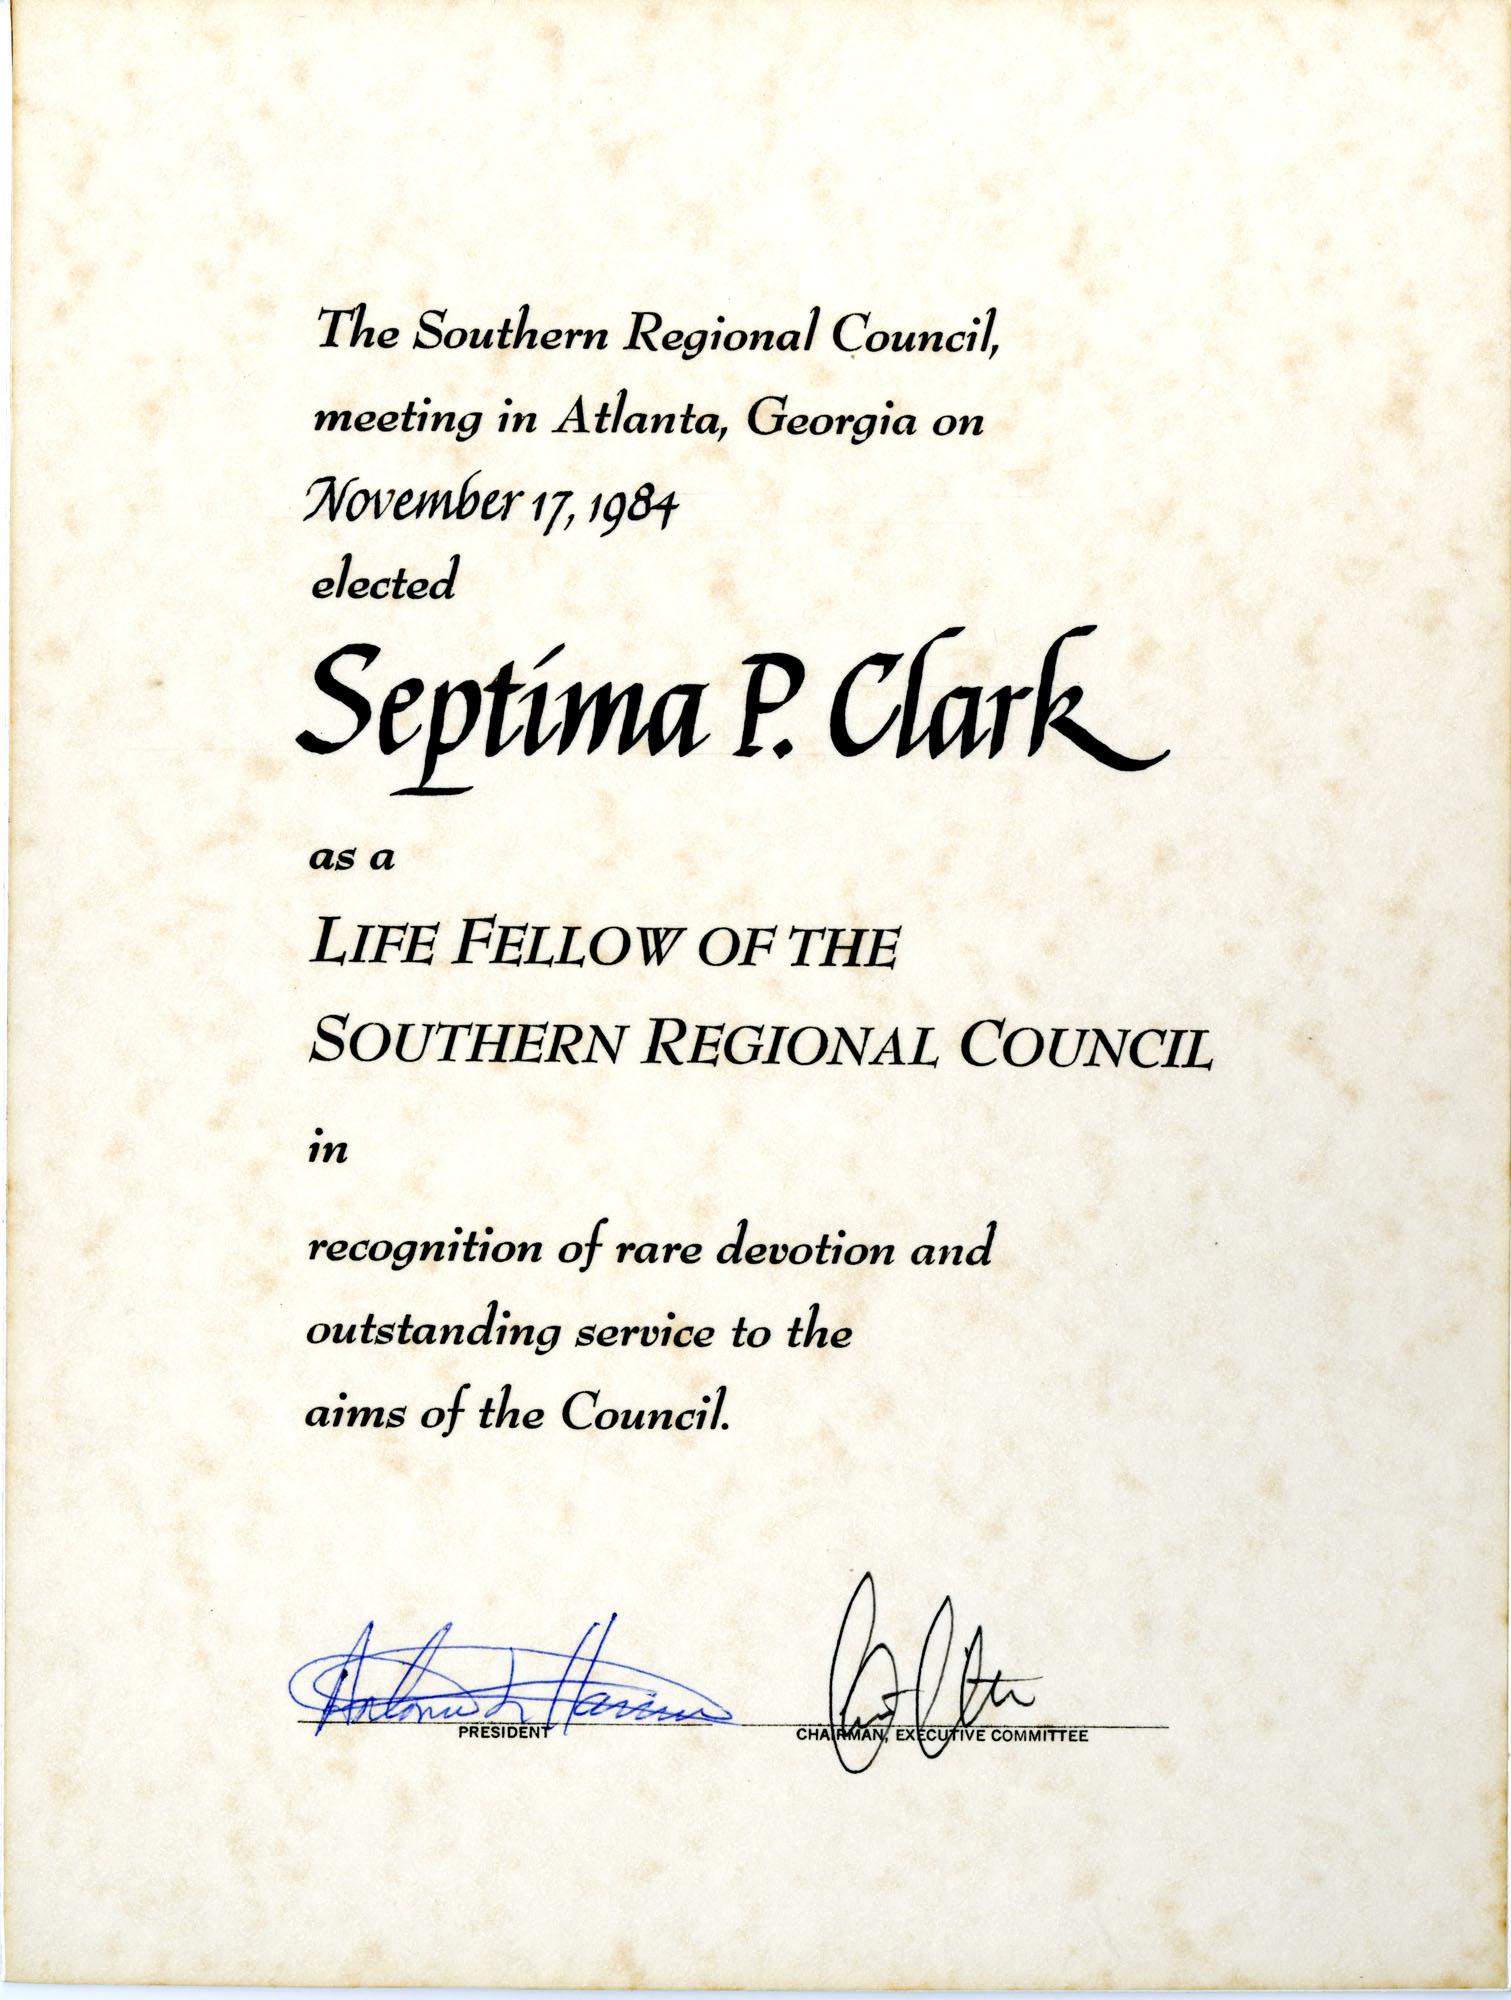 Certificate, November 17, 1984